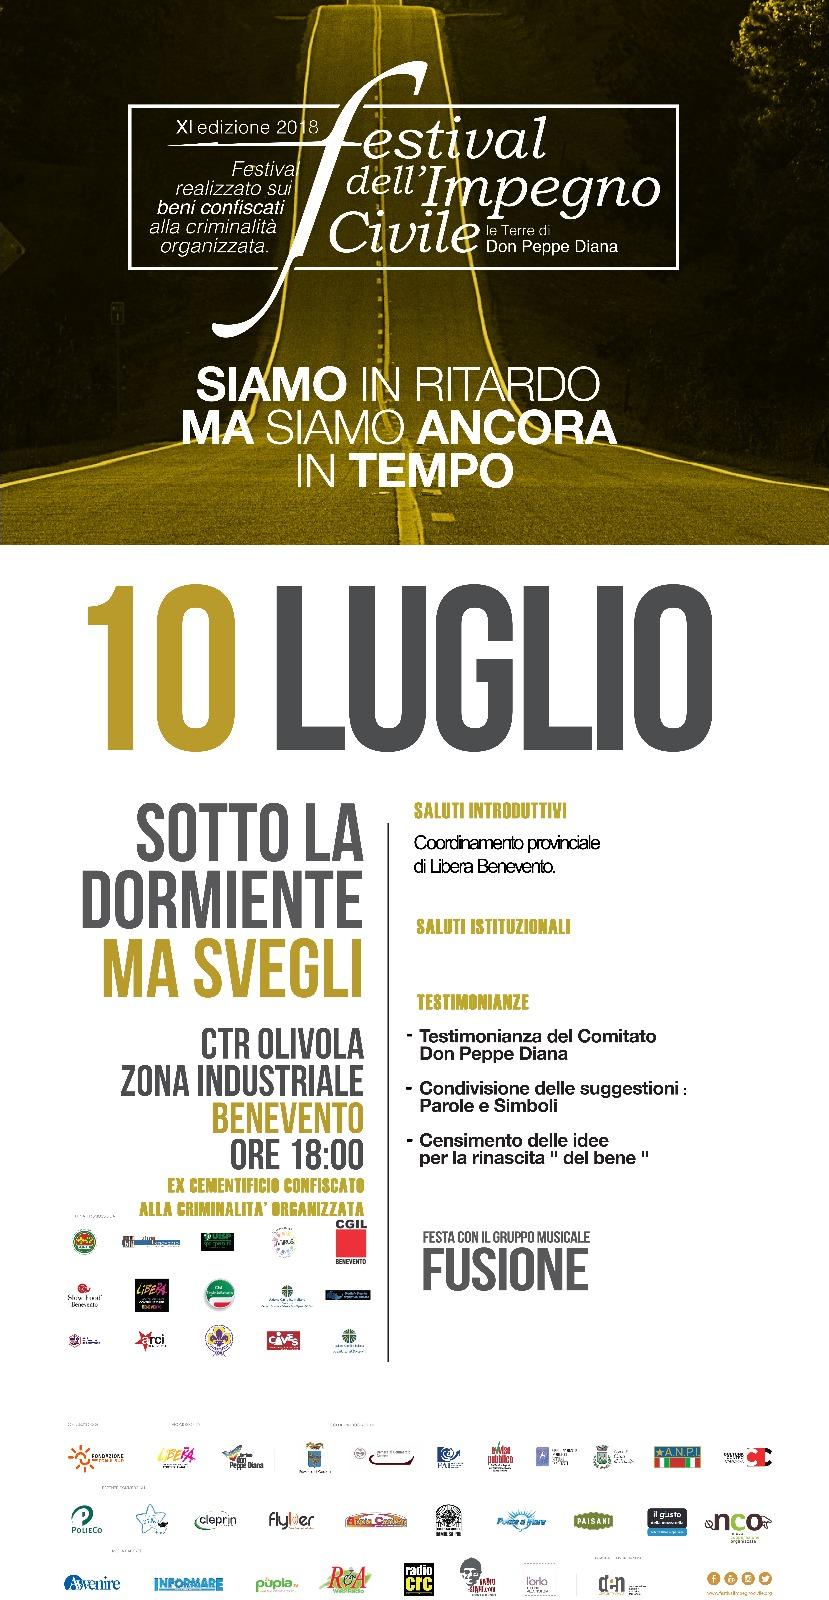 Benevento|A Contrada Olivola la tappa del Festival dell'Impegno Civile